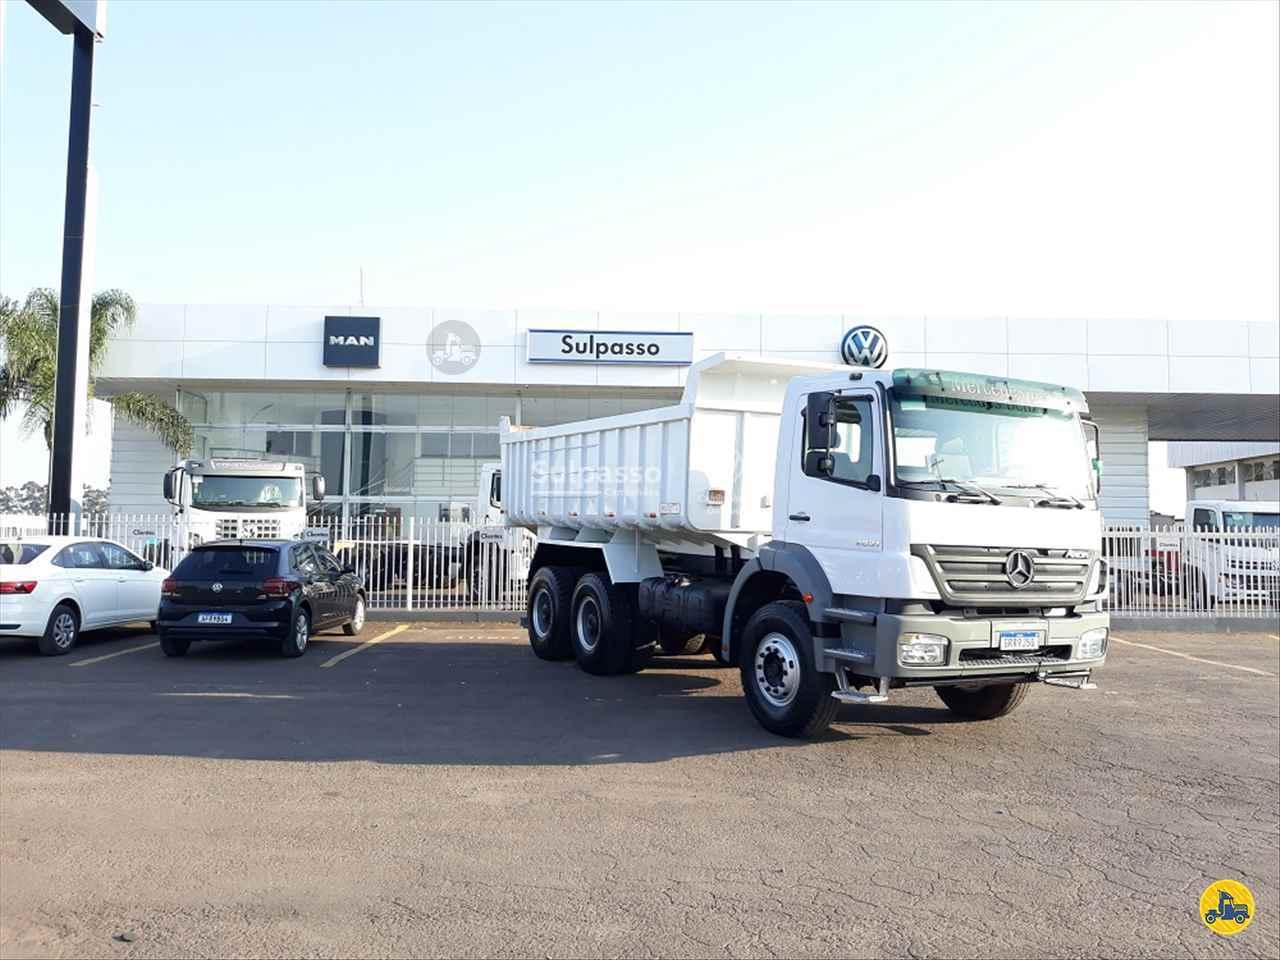 CAMINHAO MERCEDES-BENZ MB 2831 Chassis Traçado 6x4 Sulpasso Caminhões - VW MAN PASSO FUNDO RIO GRANDE DO SUL RS